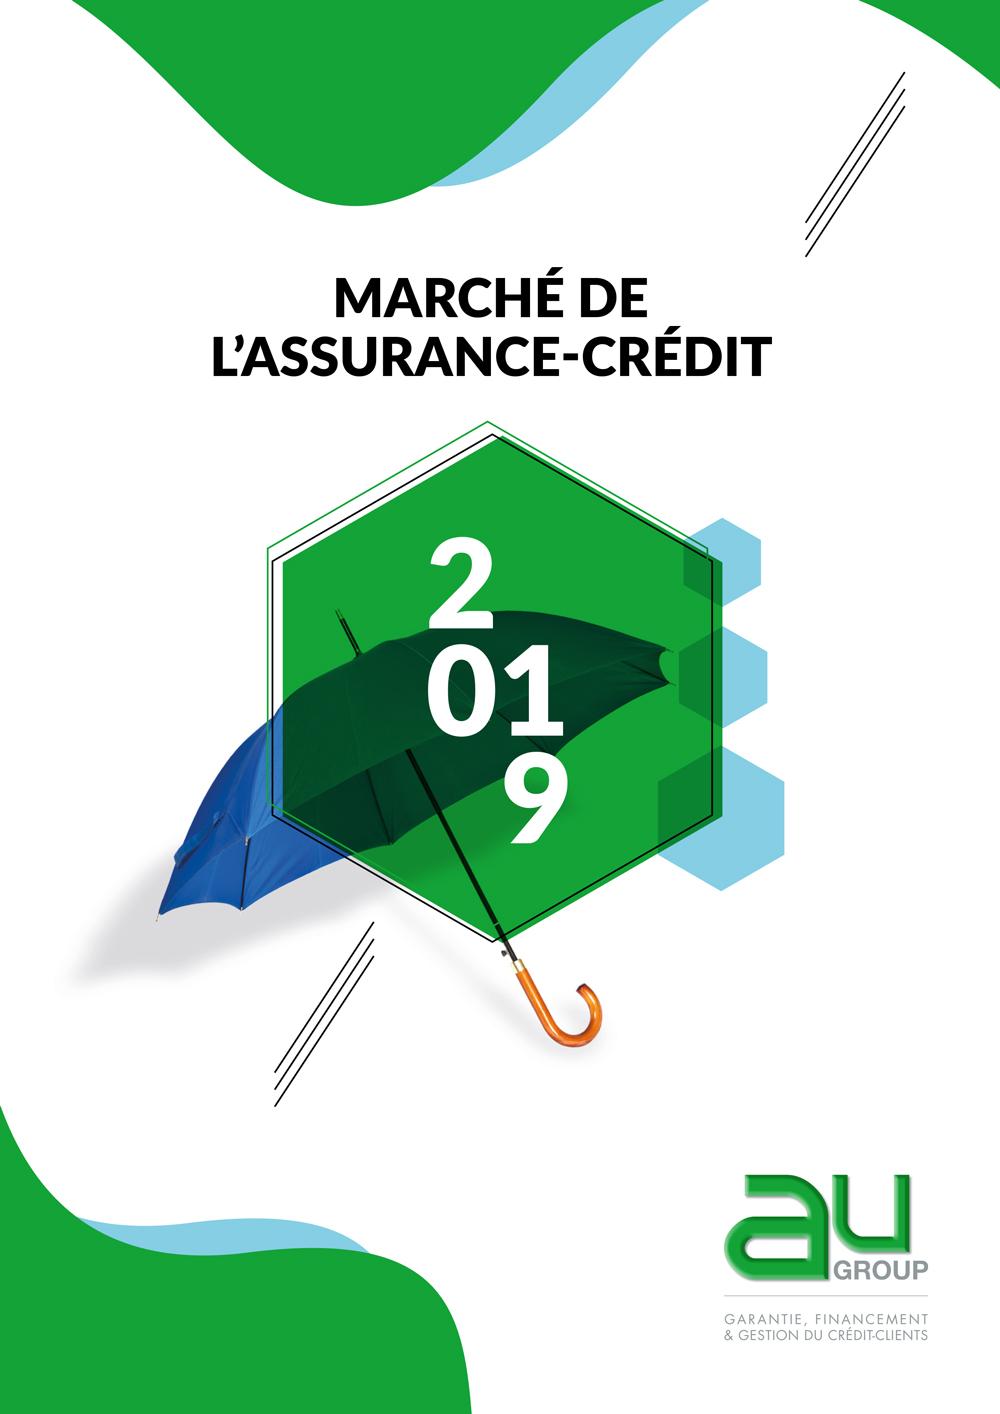 Marché AC 2019